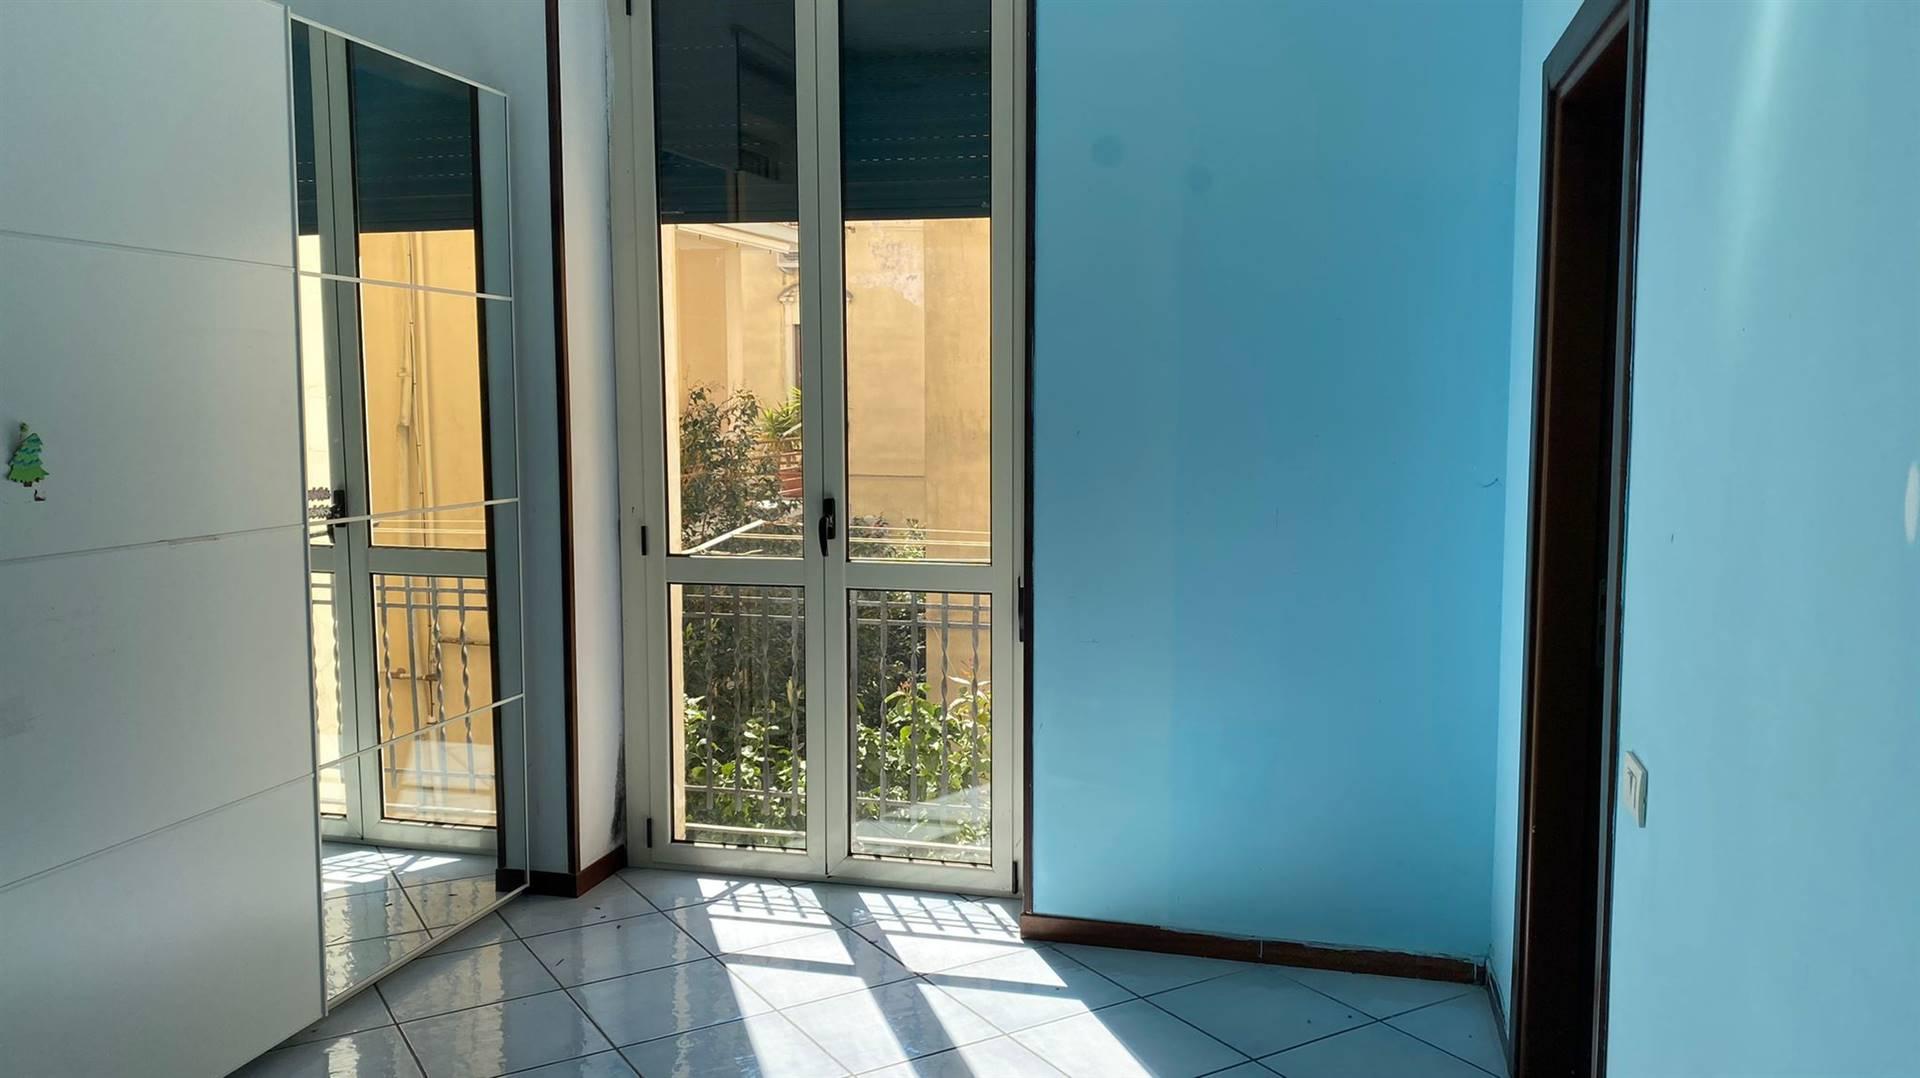 Ad. Via Arce proponiamo in locazione appartamento cosi composto: ampio soggiorno, cucina abitabile gia arredata, 3 camere e due bagni. Completa la